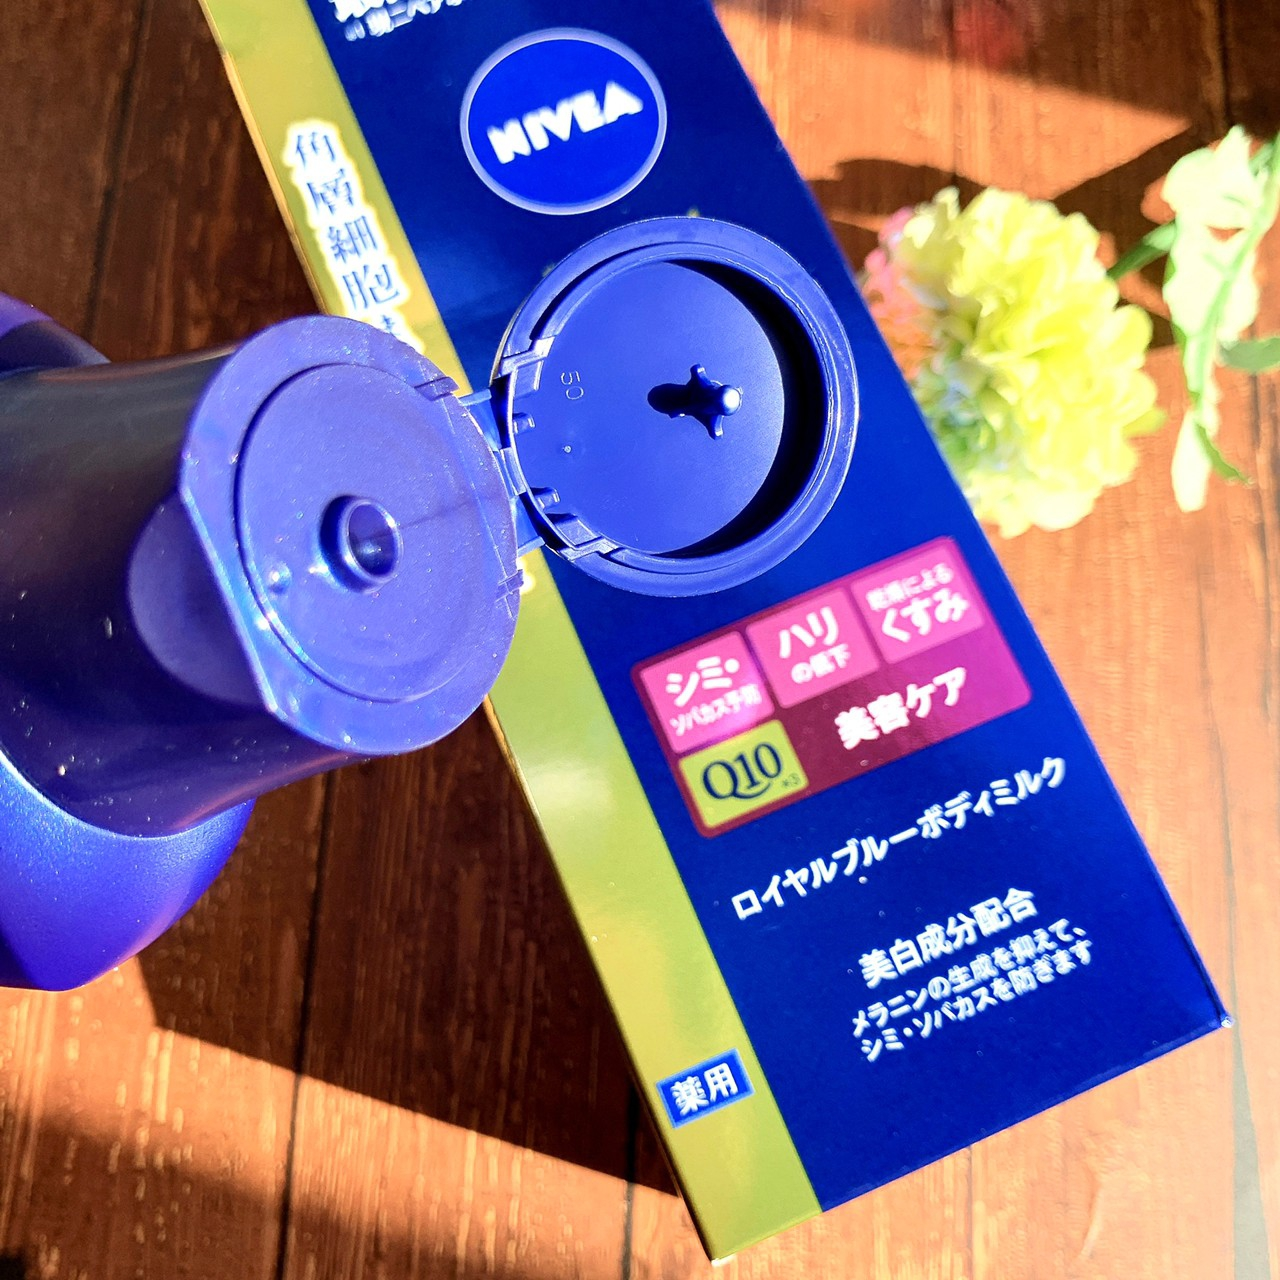 NIVEA(ニベア) ロイヤルブルーボディミルク 美容ケアの良い点・メリットに関するkana_cafe_timeさんの口コミ画像2